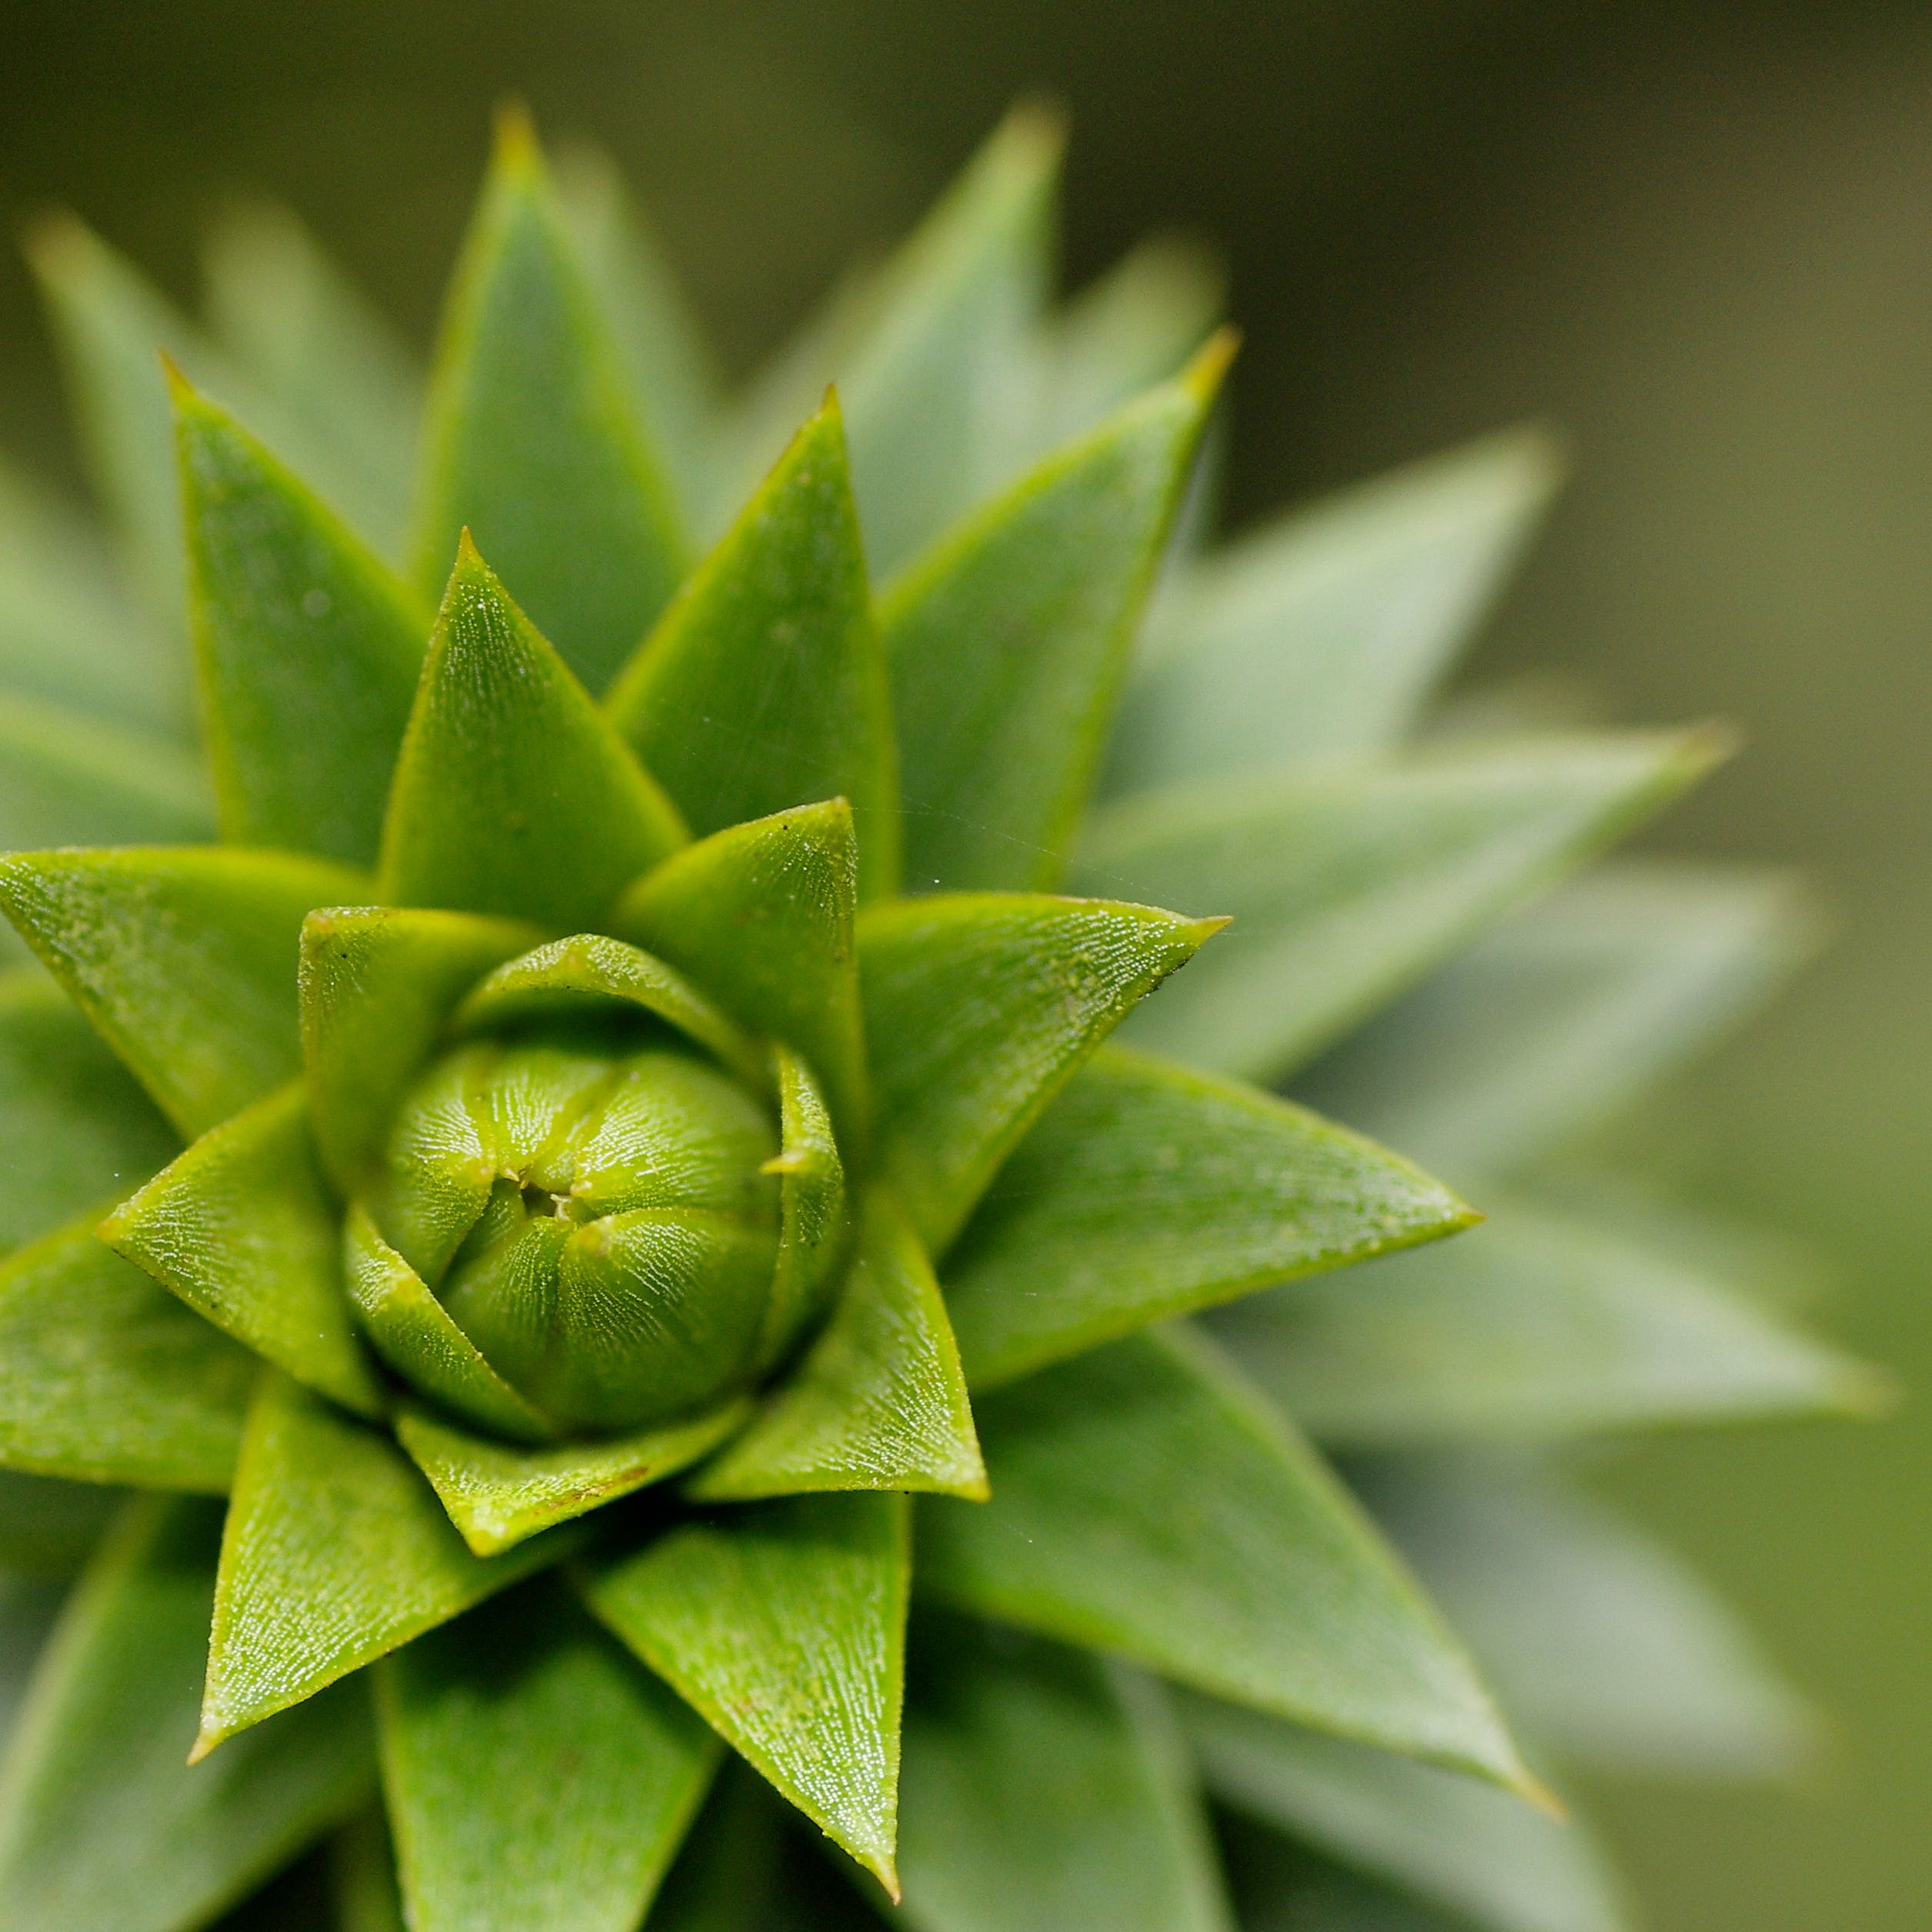 Darmowe zdjęcie z galerii z botaniczny, jasny, kaktus, kolory